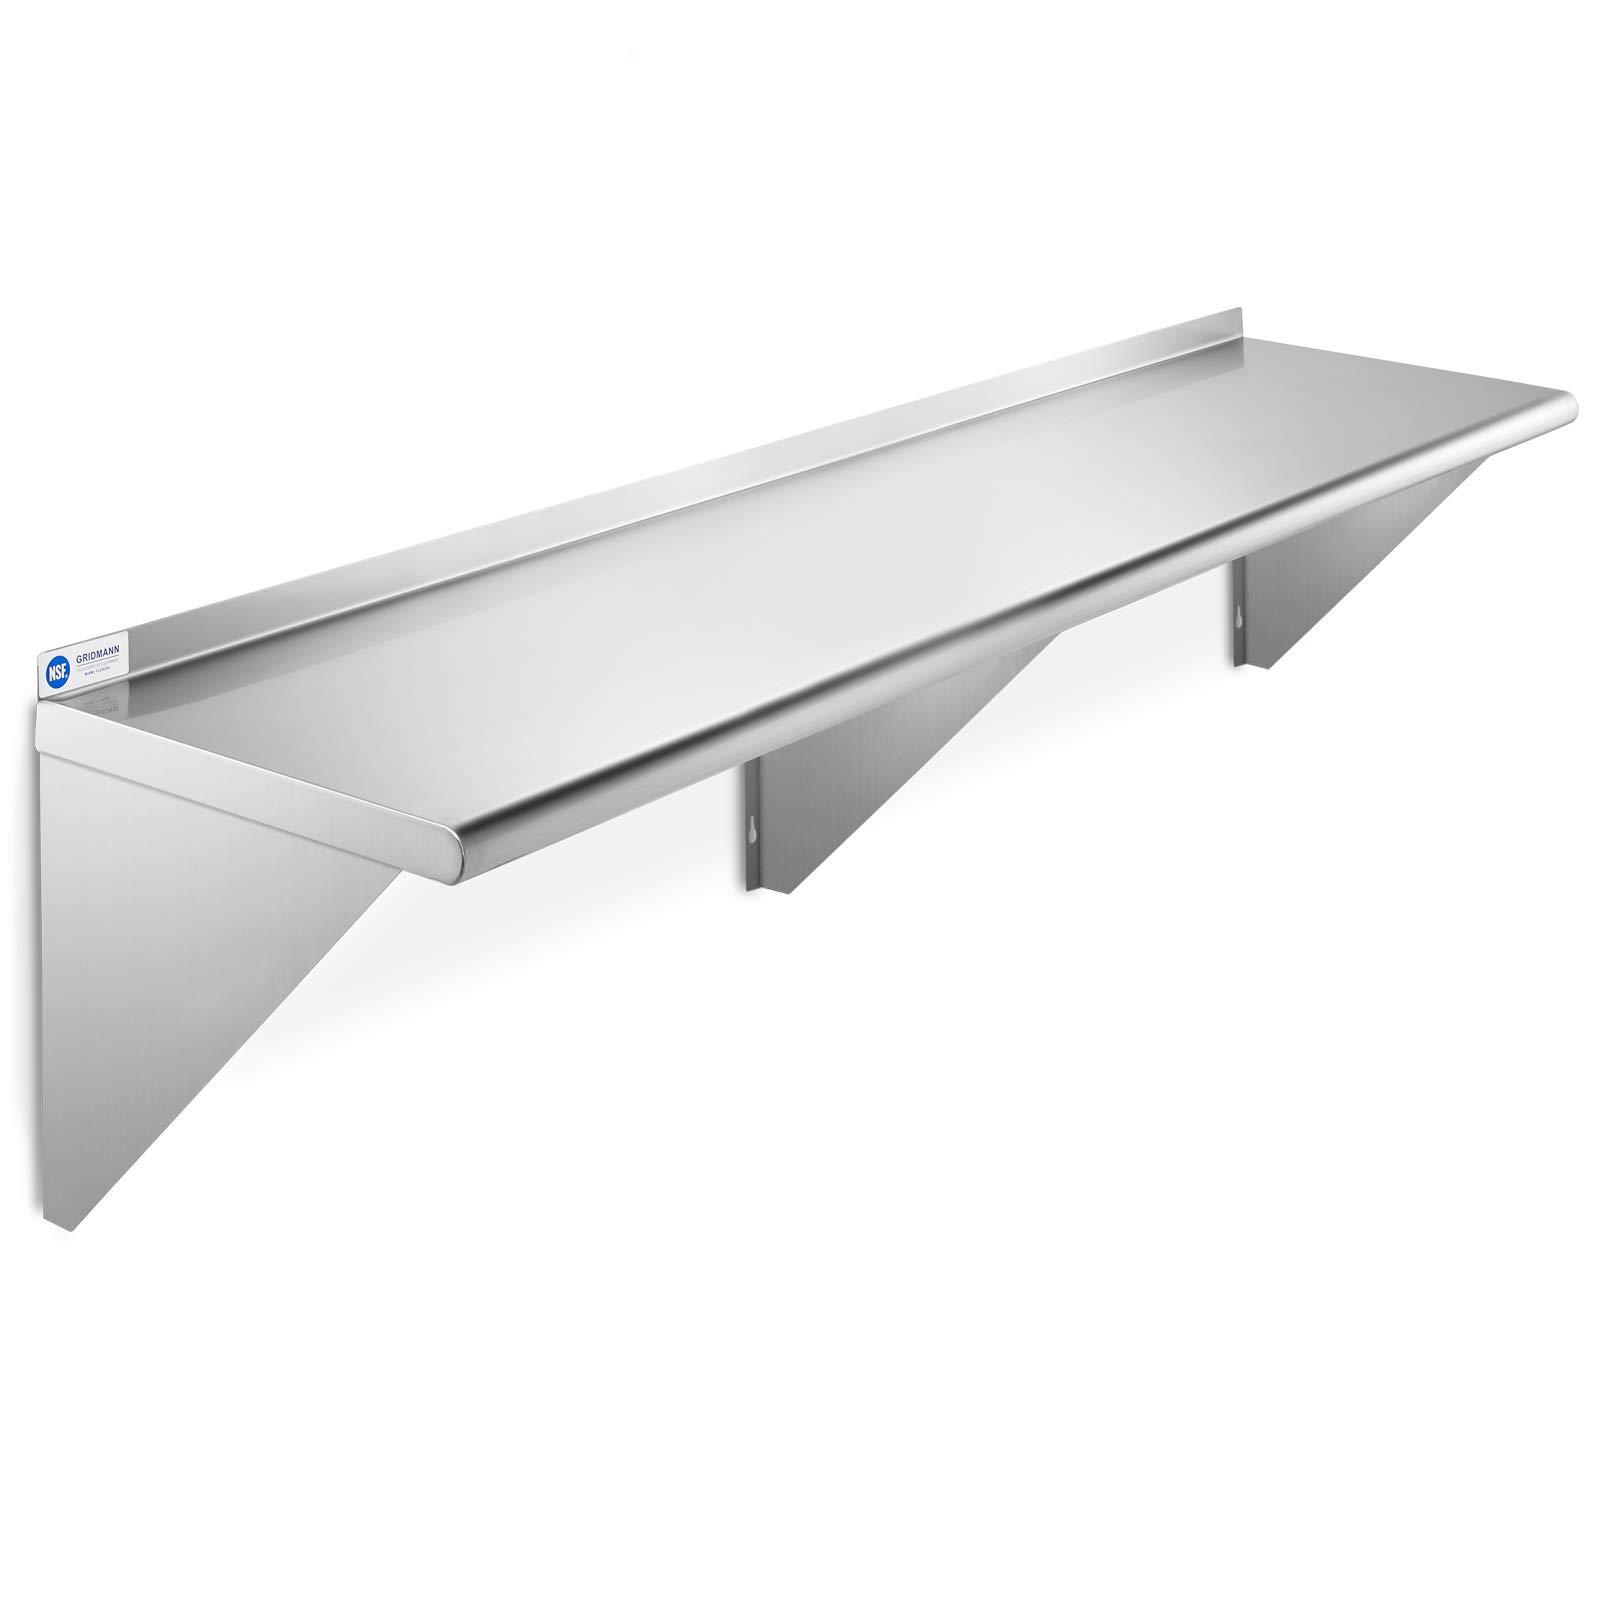 GRIDMANN NSF Stainless Steel Kitchen Wall Mount Shelf Commercial Restaurant Bar w/Backsplash - 14'' x 60'' by GRIDMANN